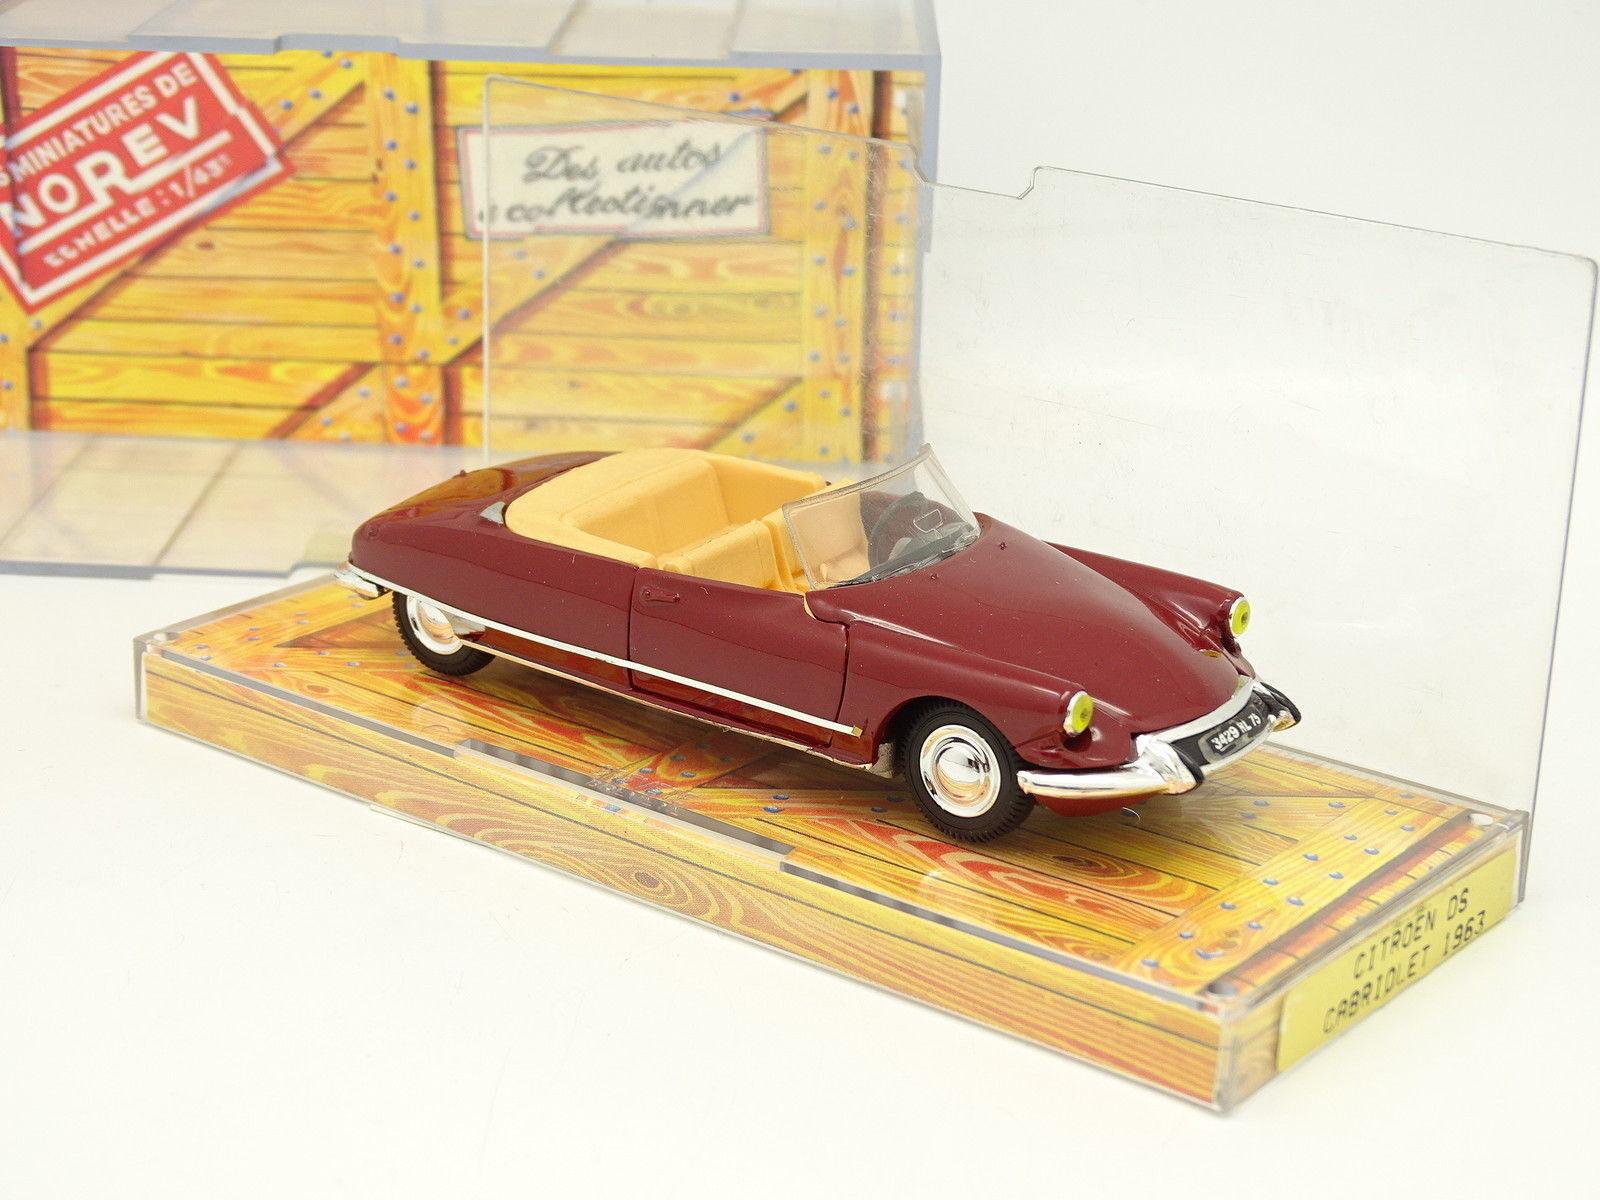 comprar descuentos Norev 1 43 - Citroen DS DS DS Cabriolet 1963  descuento de bajo precio